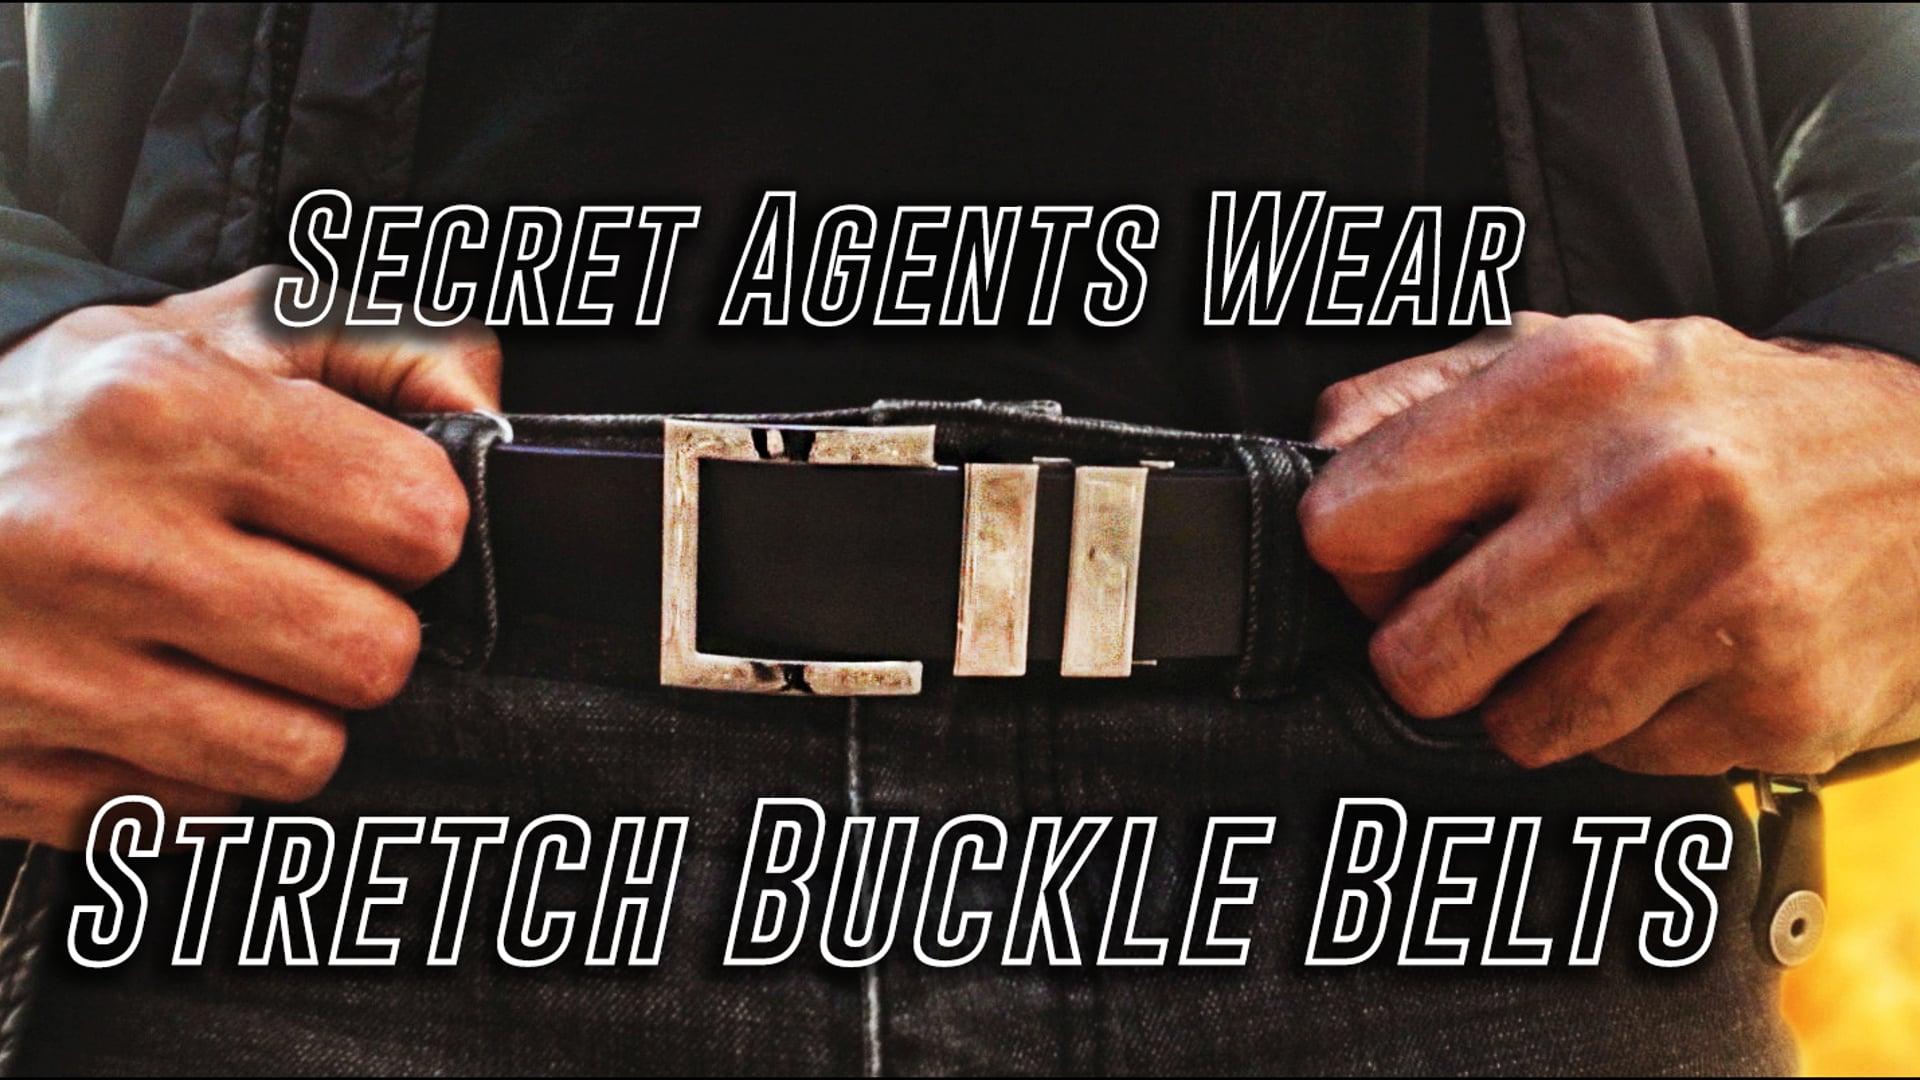 SECRET AGENTS WEAR STRETCH BUCKLE BELTS